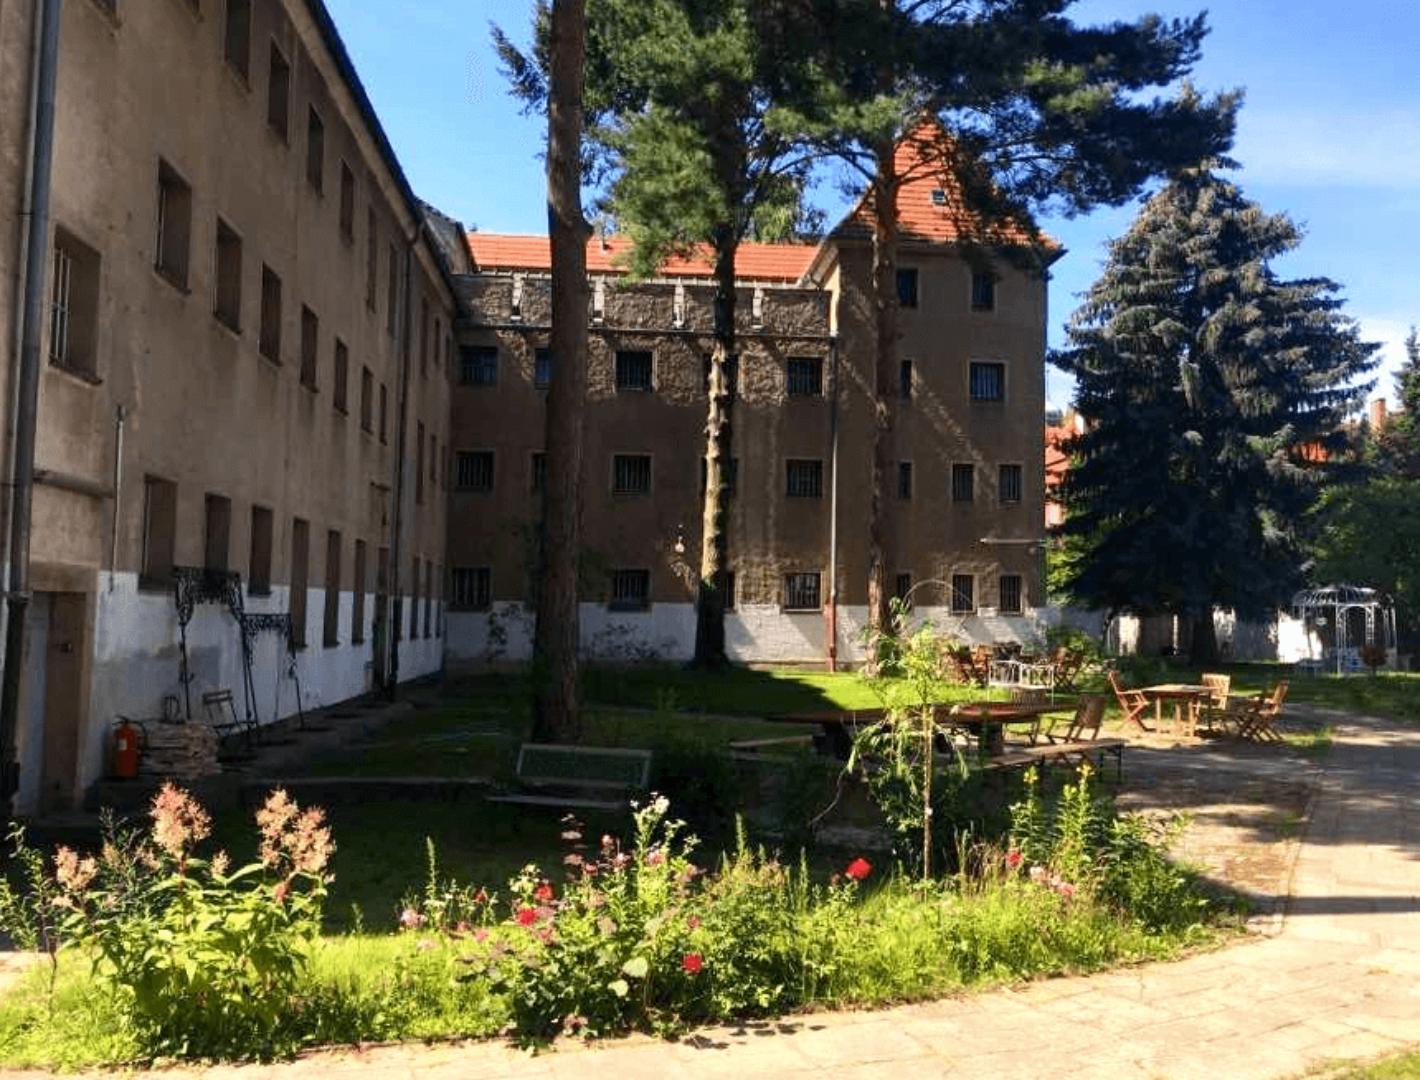 Gartenbereich des Gefängnisses